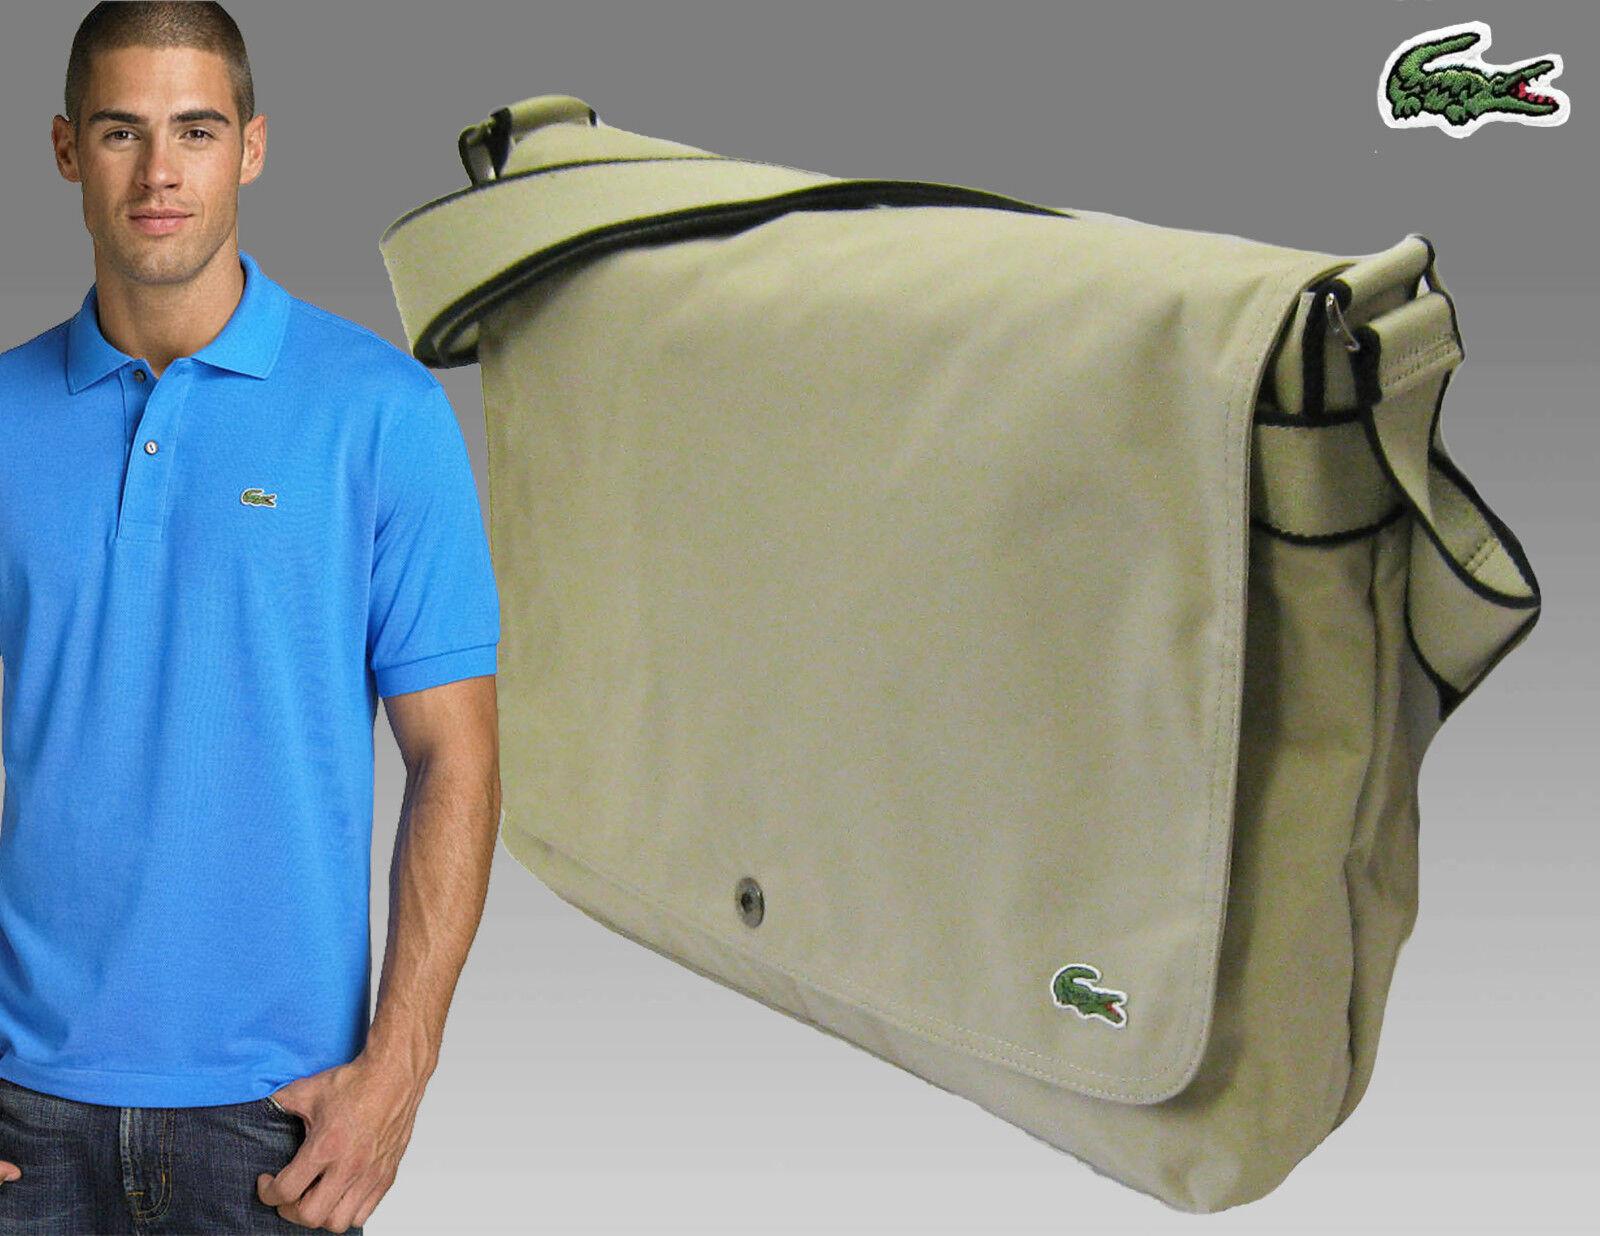 Taschen Lacoste Messenger Unisex Schultertasche Neu Freizeit City 7 Schwarz Original Herren-accessoires